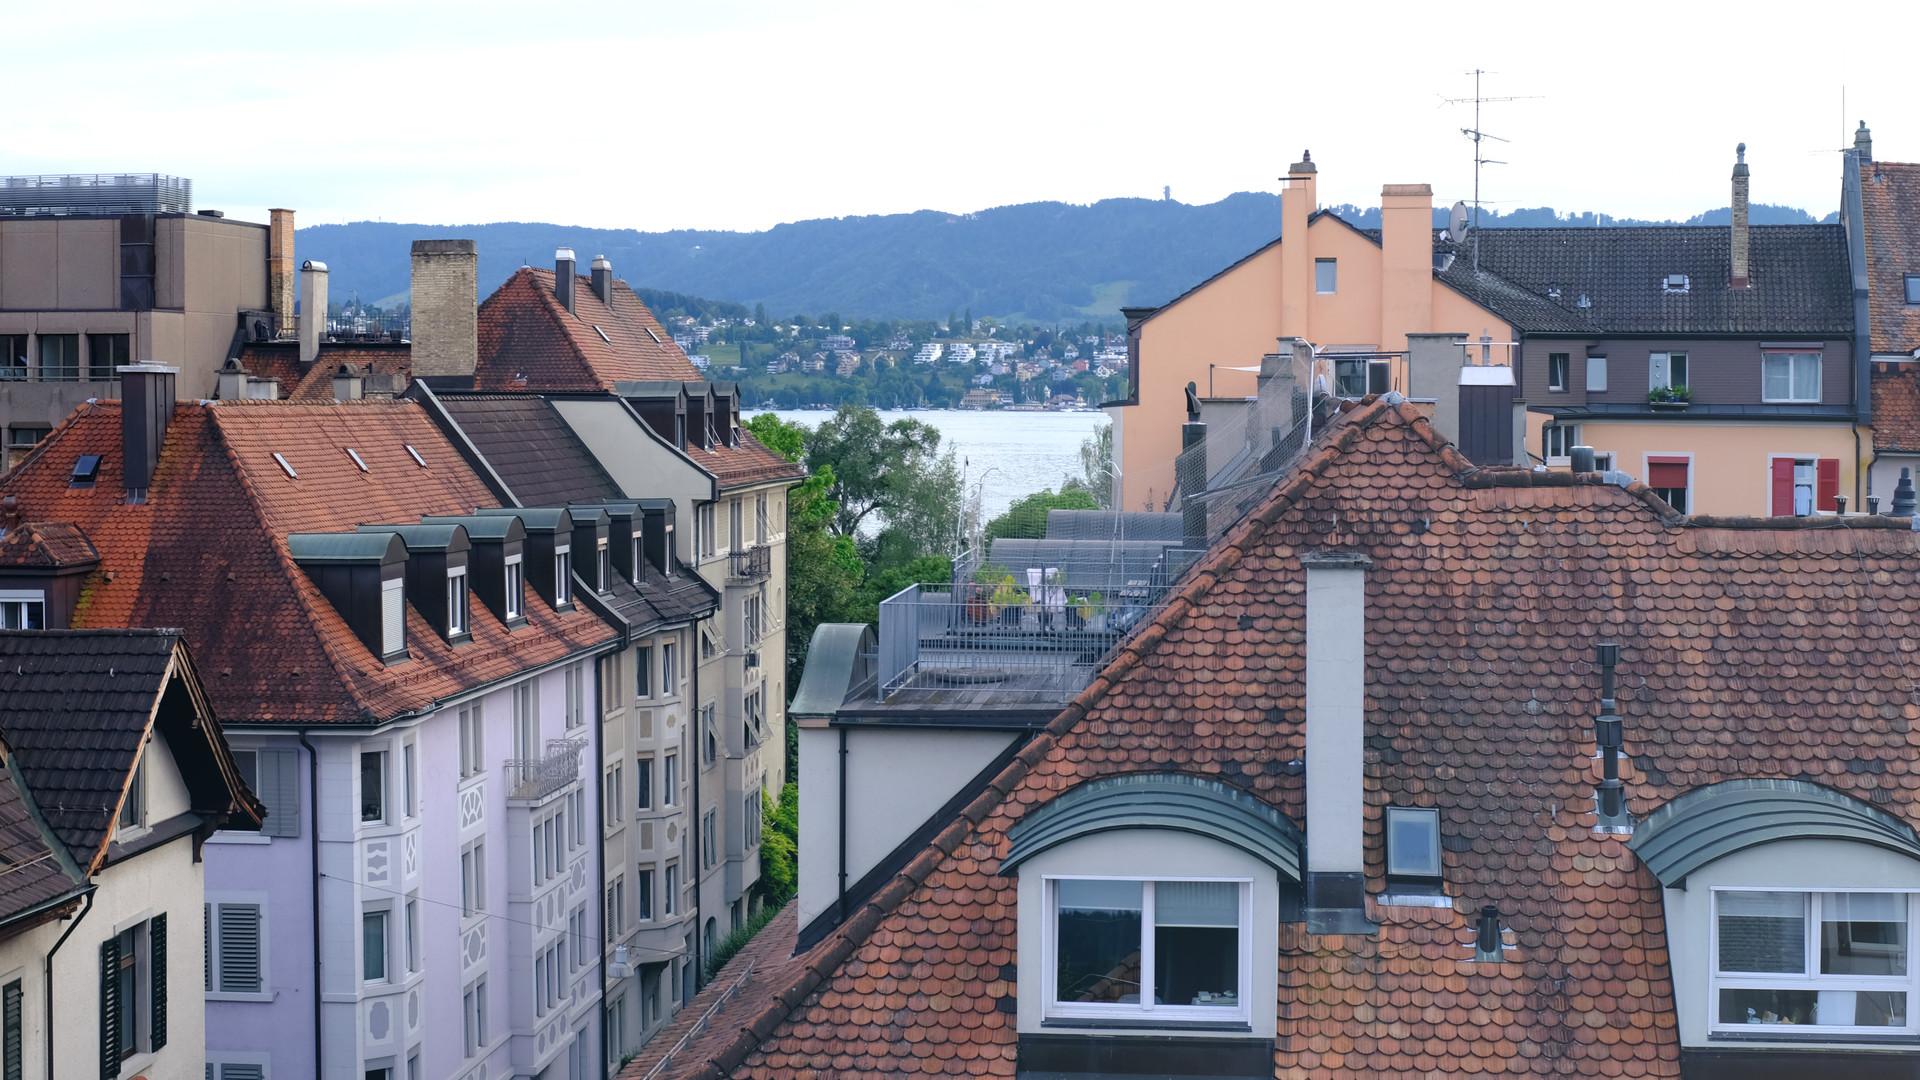 Zurich, 2018